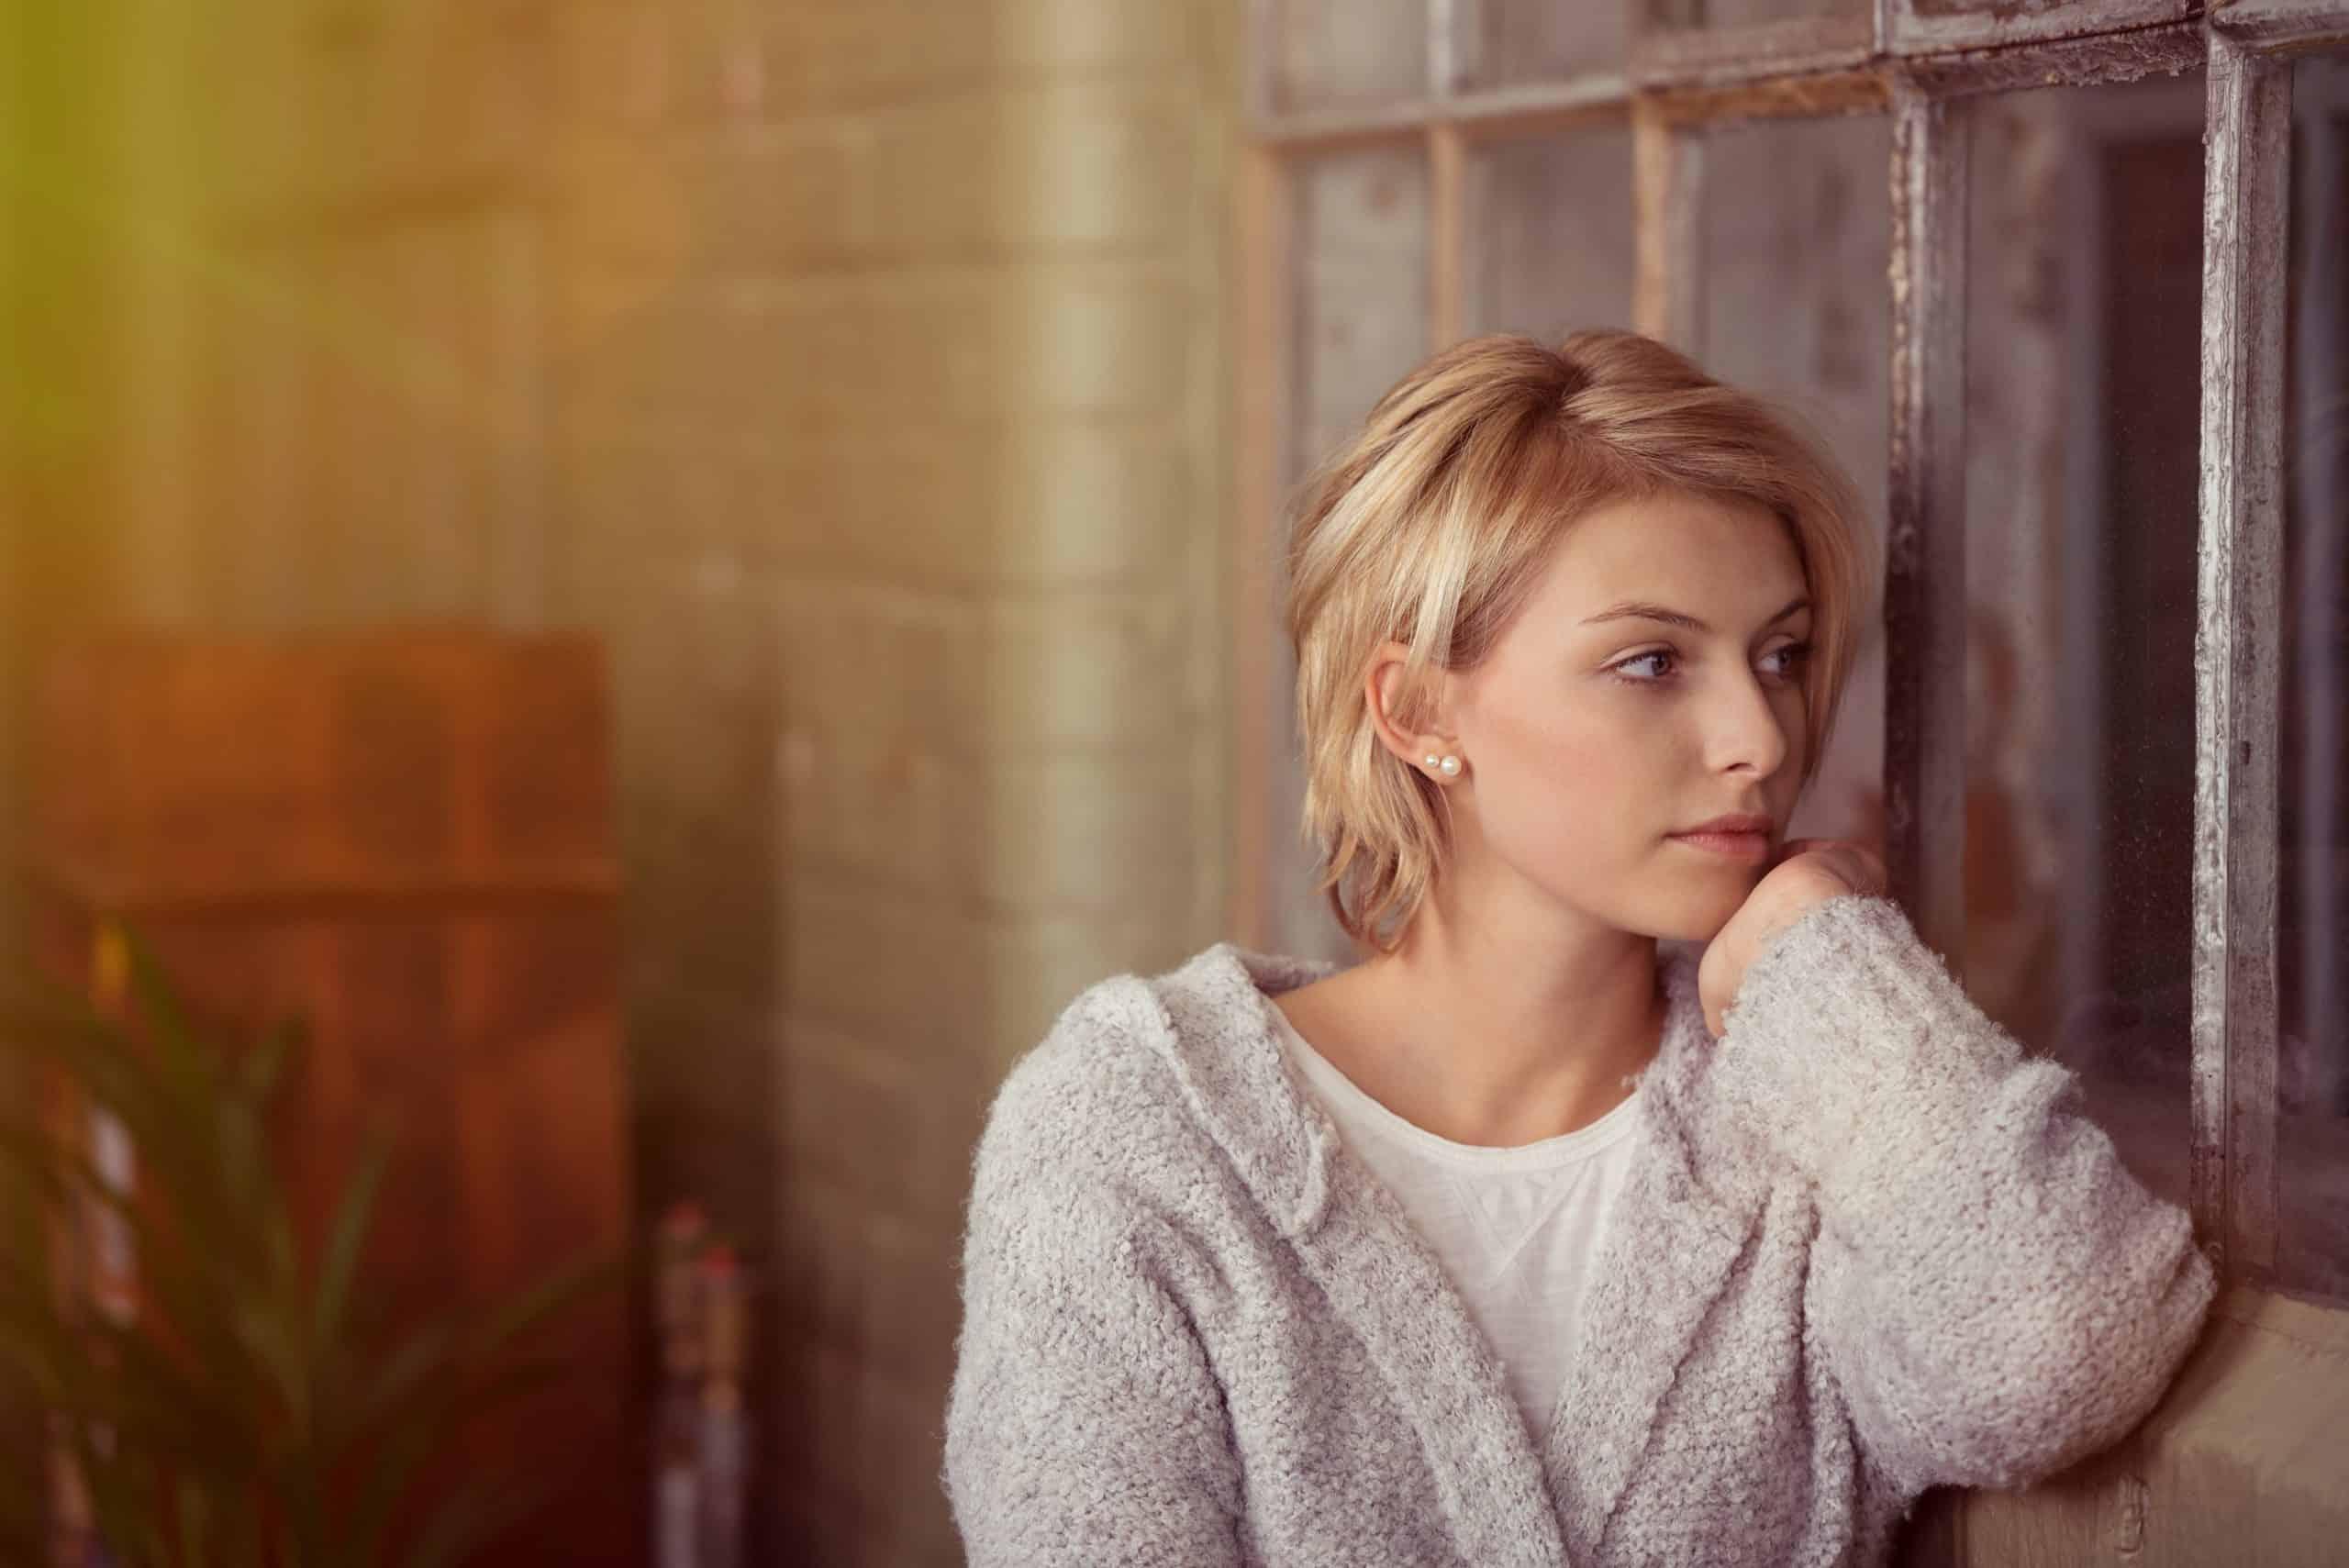 ung kvinna stirrar ut genom ett fönster i vardagsrummet med ett allvarligt uttryck